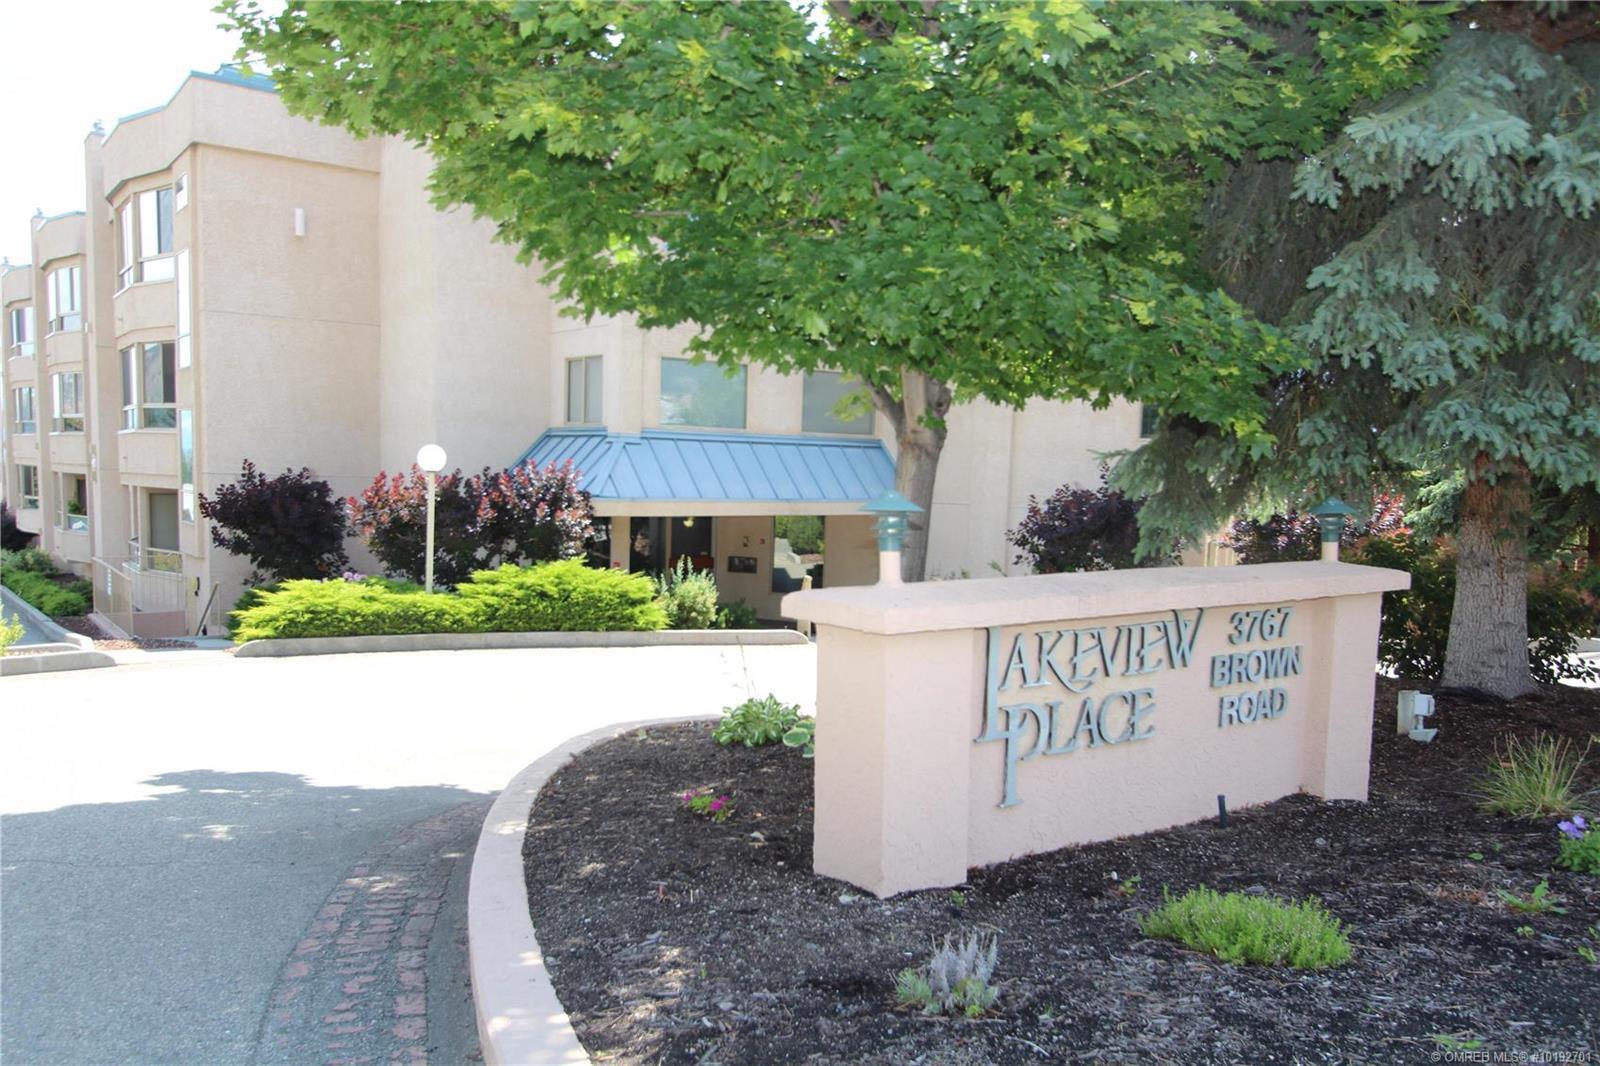 West Kelowna Condo for sale: 2 bedroom 1,087 sq.ft.